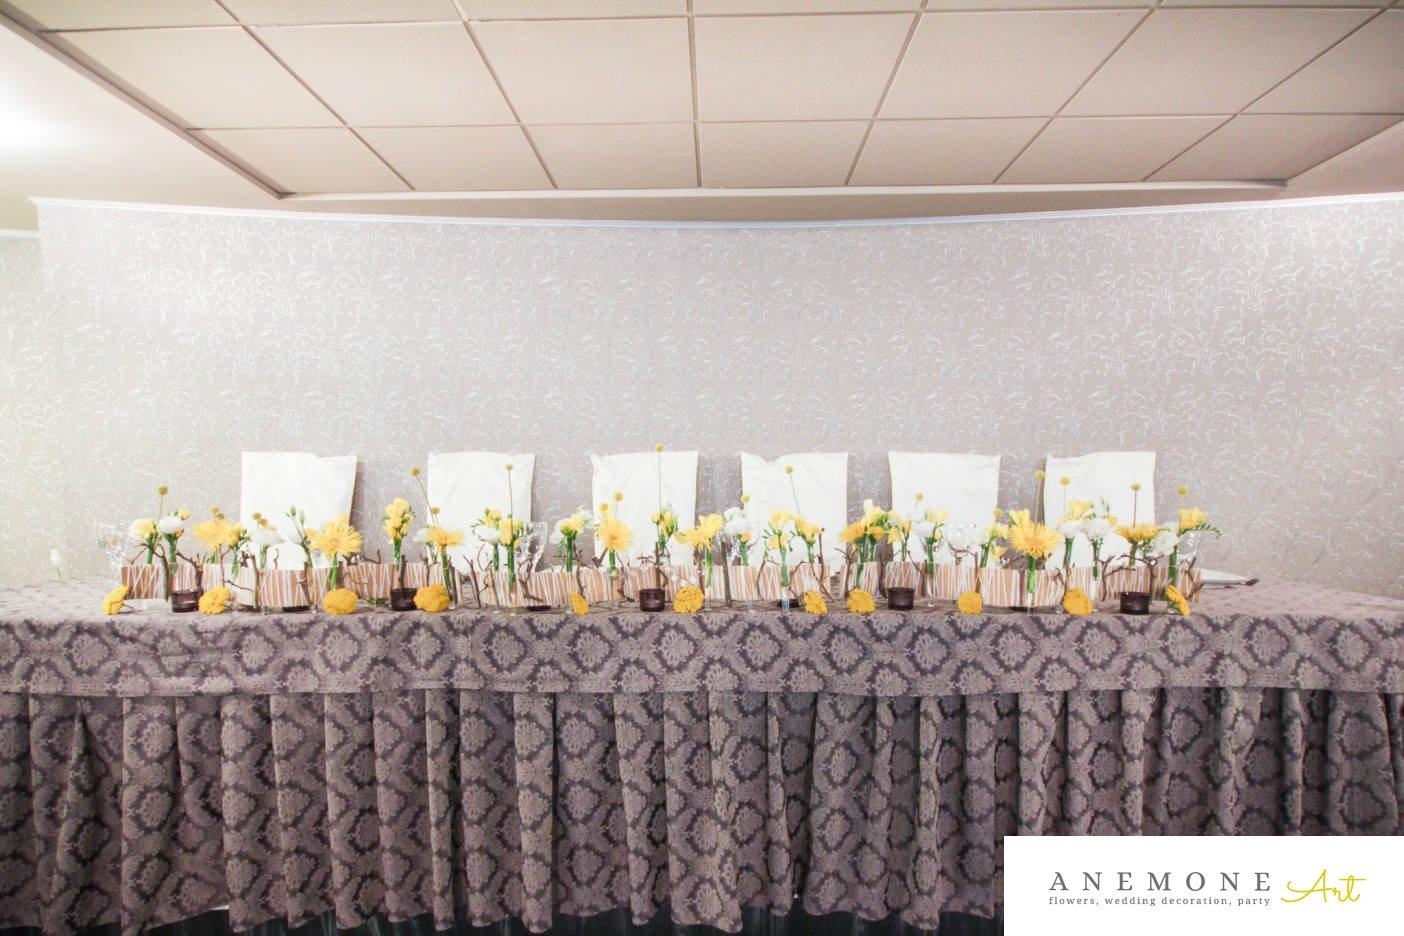 Poza, foto cu Flori de nunta alb, craspedia, crengi, frezii, galben, lisianthus, mini-gerbera, mini-rosa, prezidiu in Arad, Timisoara, Oradea (wedding flowers, bouquets) nunta Arad, Timisoara, Oradea